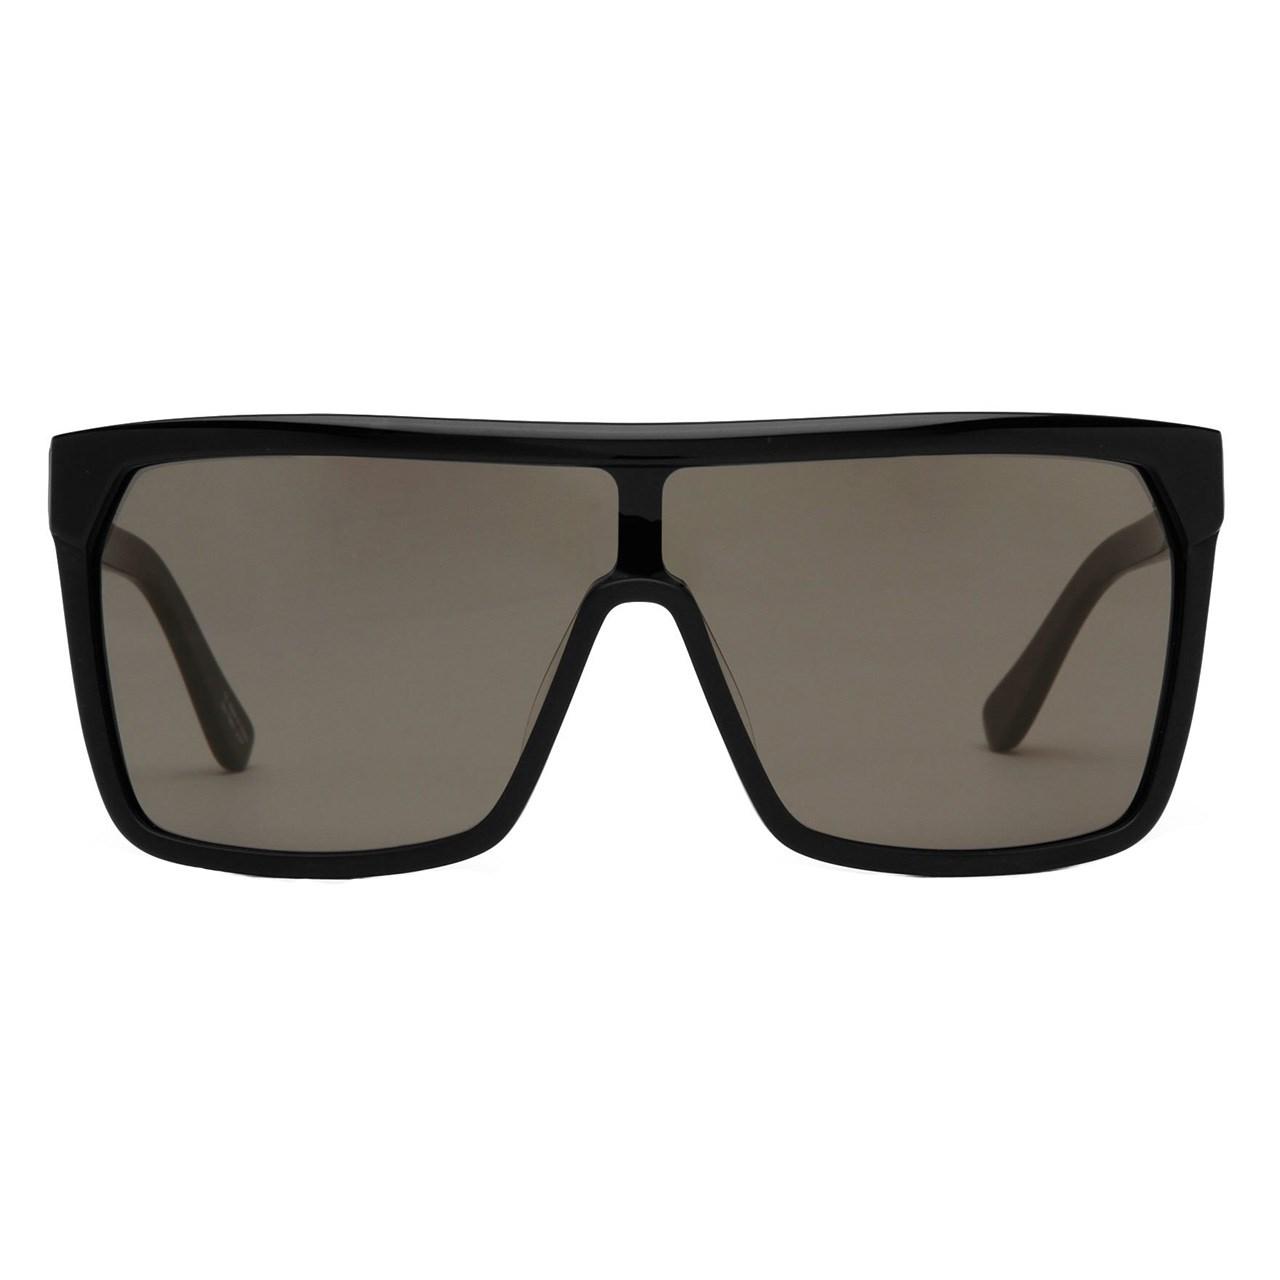 عینک آفتابی اسپای سری Flynn مدل Shiny Black Matte Black Gray